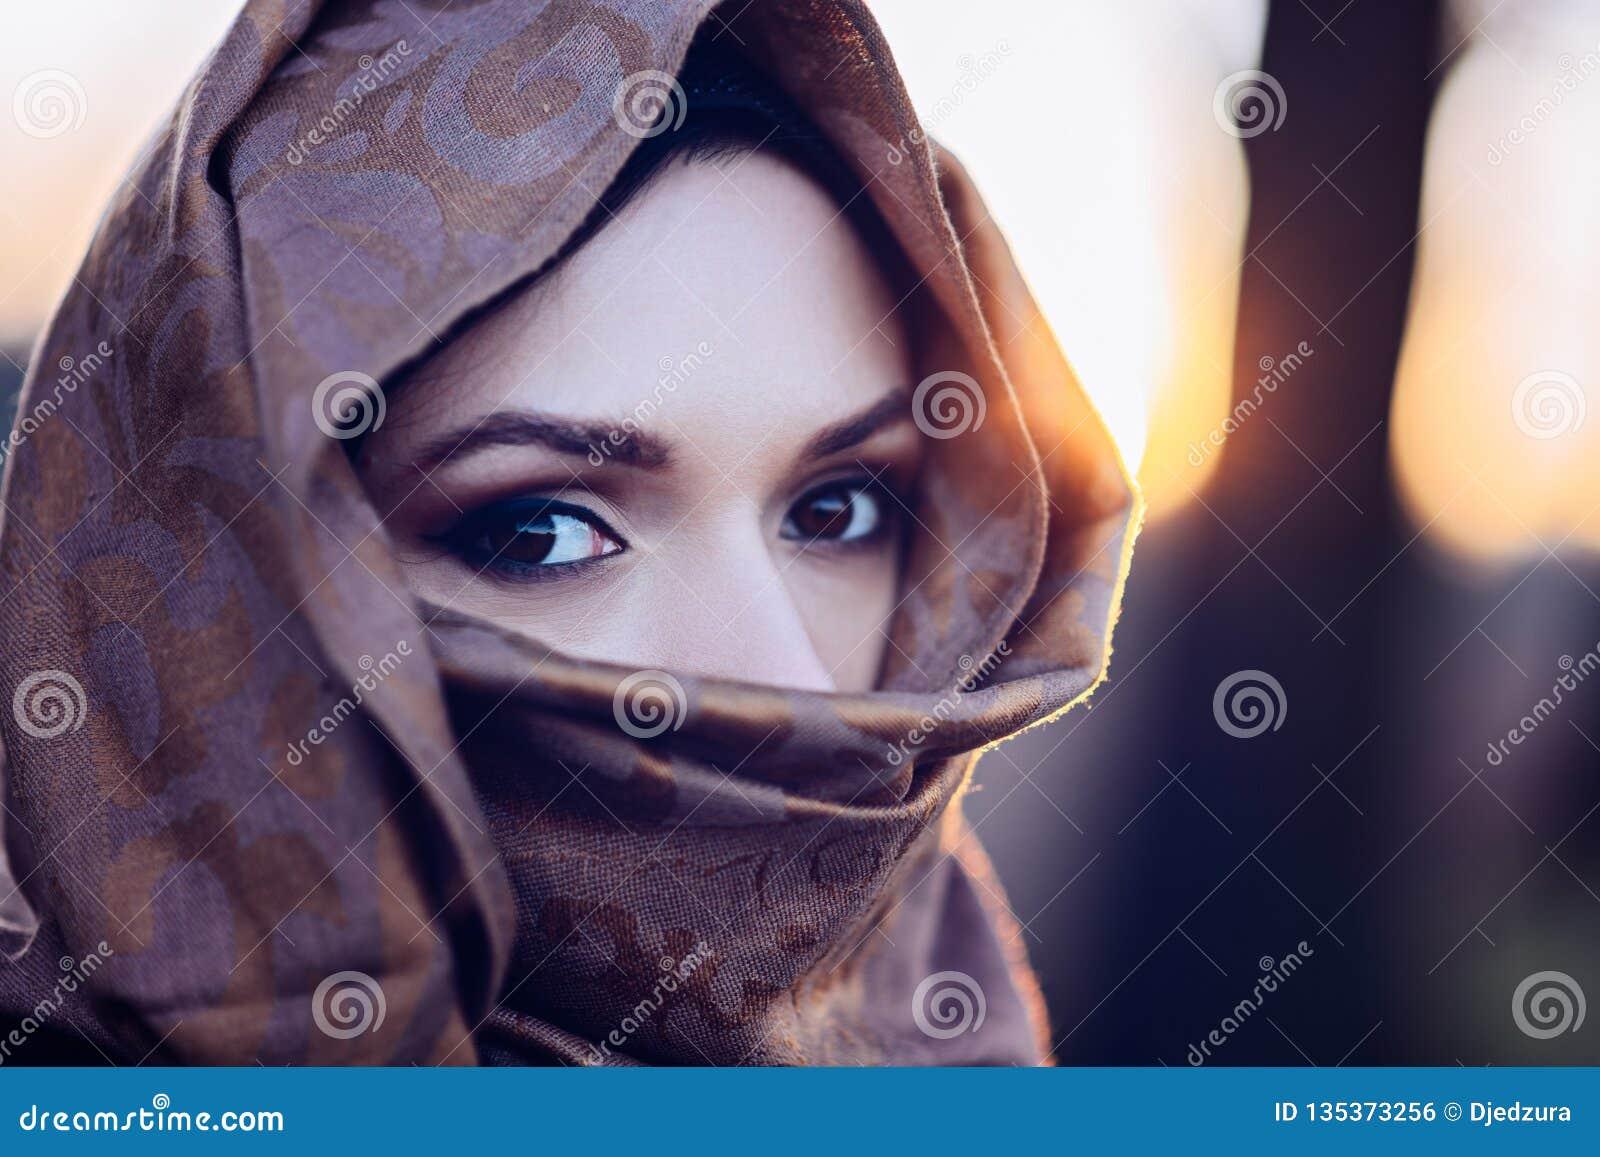 Junge traurige arabische Frau im hijab